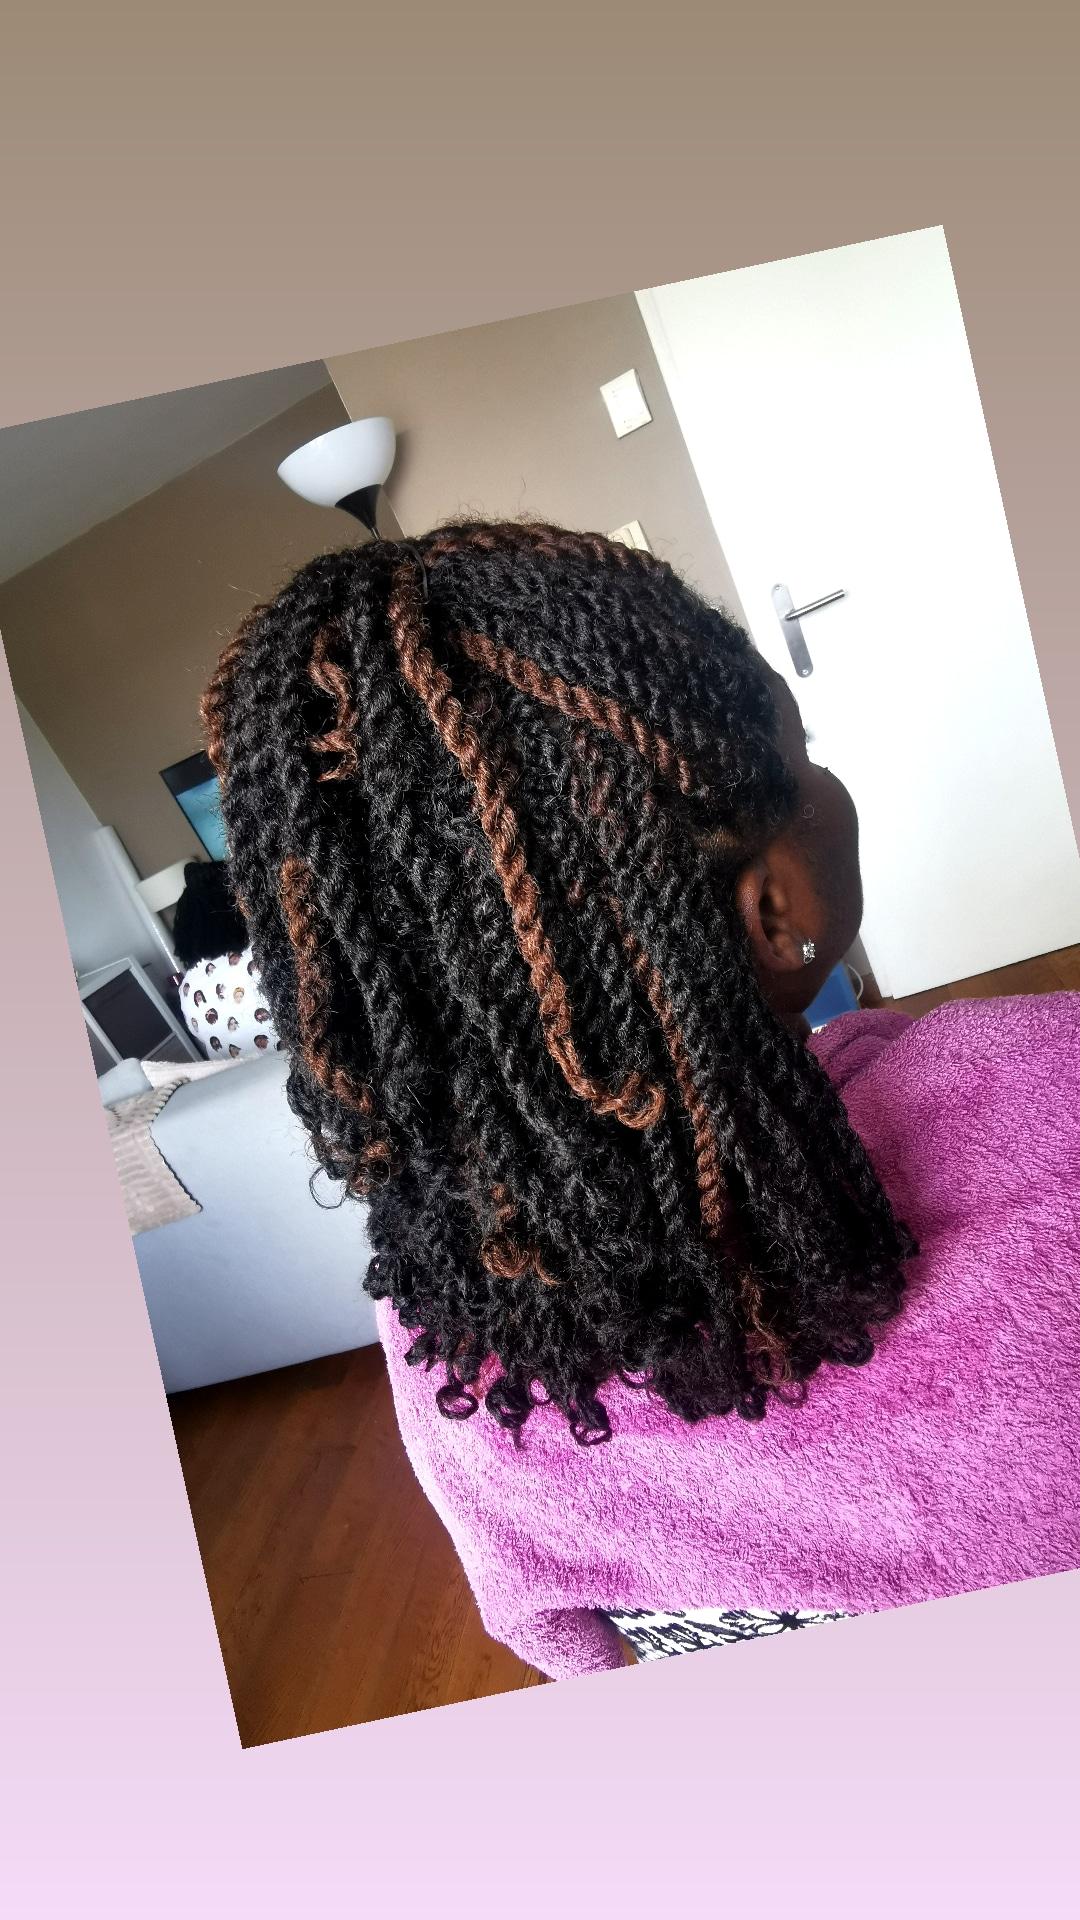 salon de coiffure afro tresse tresses box braids crochet braids vanilles tissages paris 75 77 78 91 92 93 94 95 XFZSPKDP